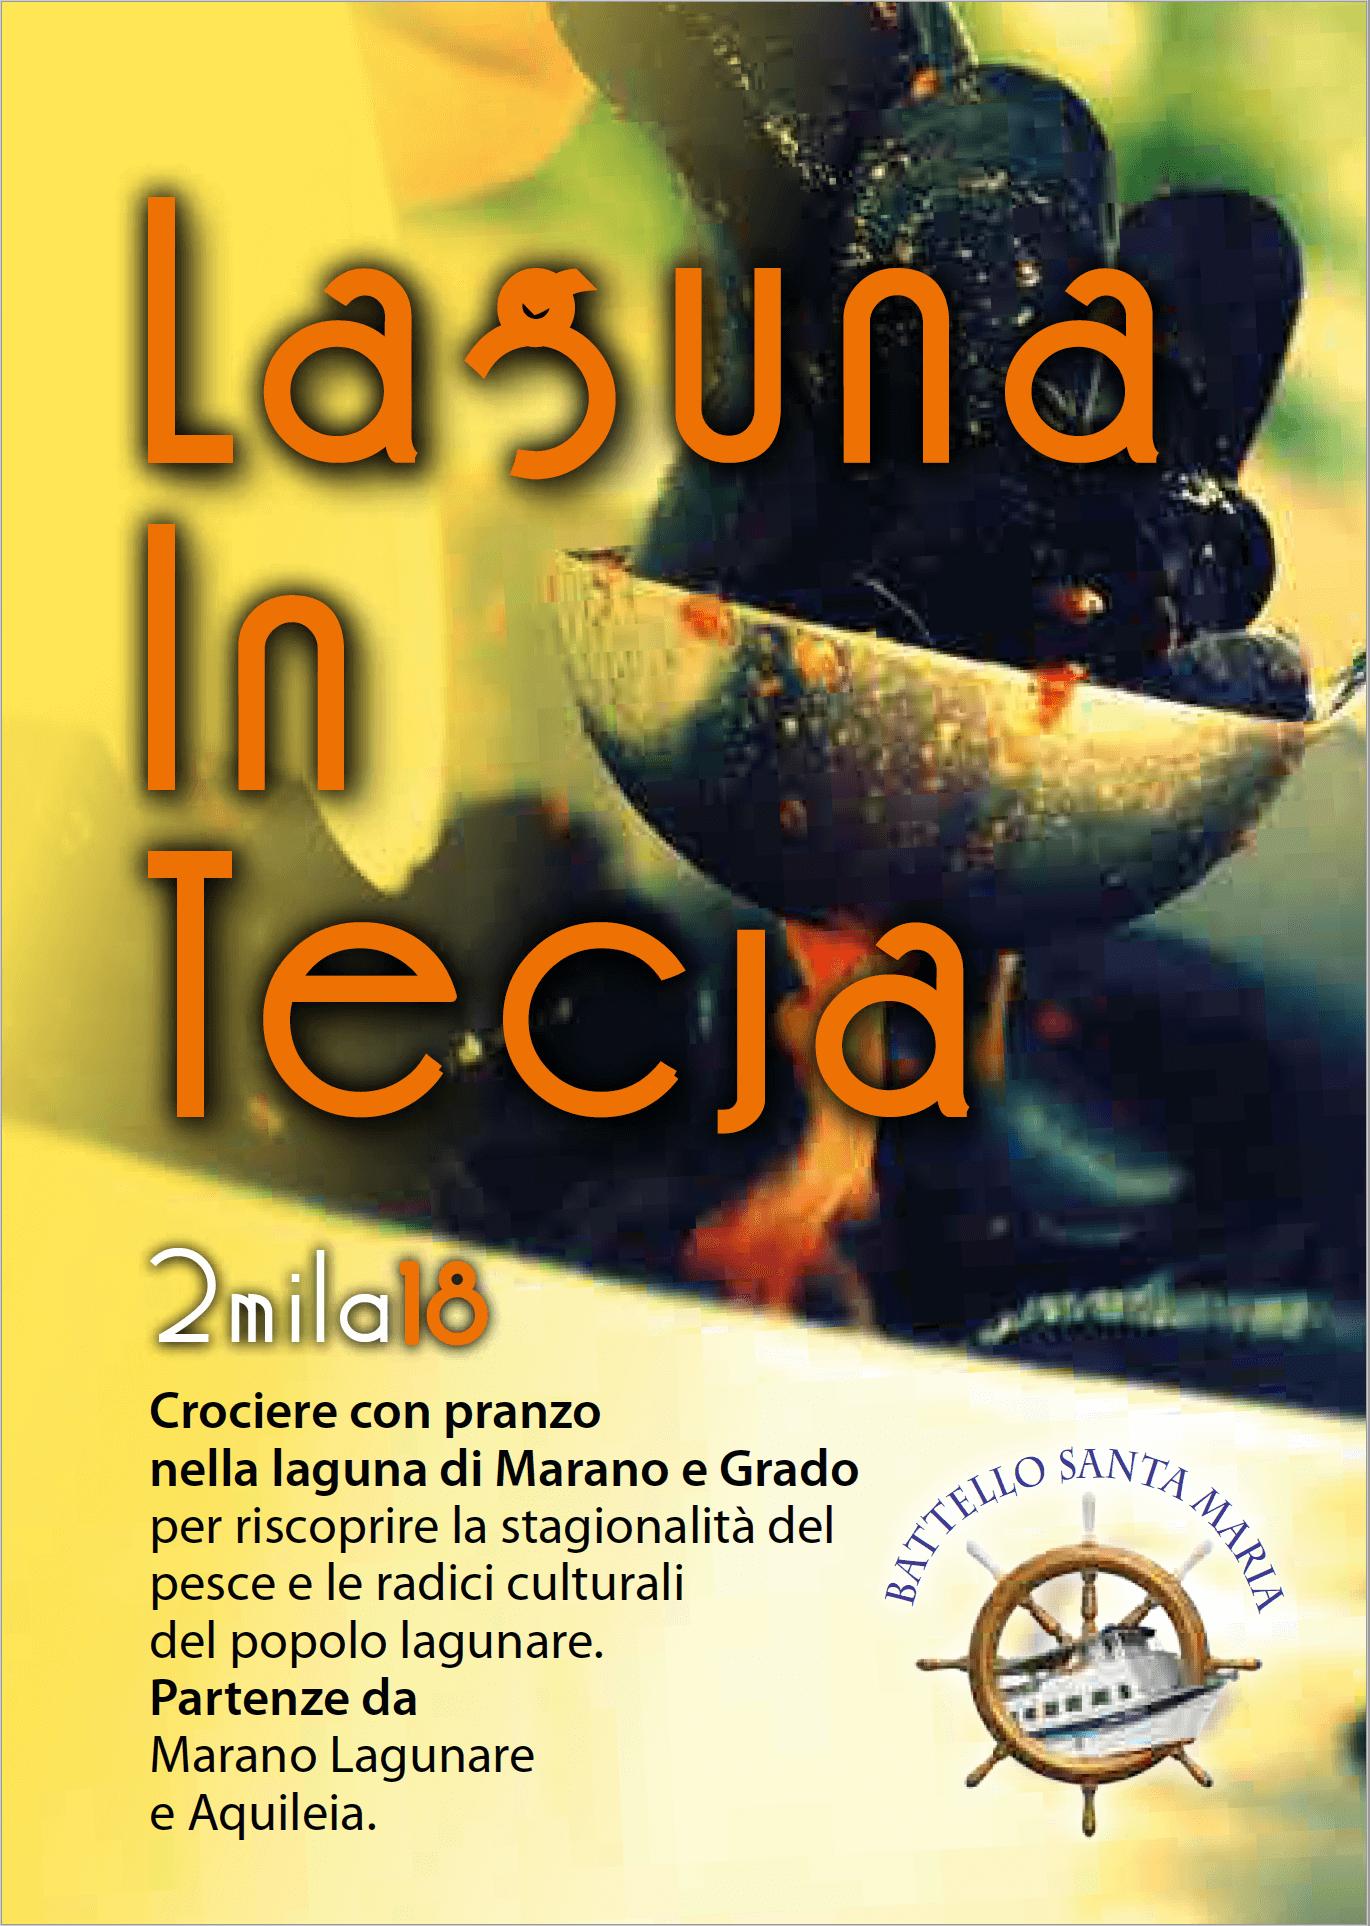 laguna_in_tecja1